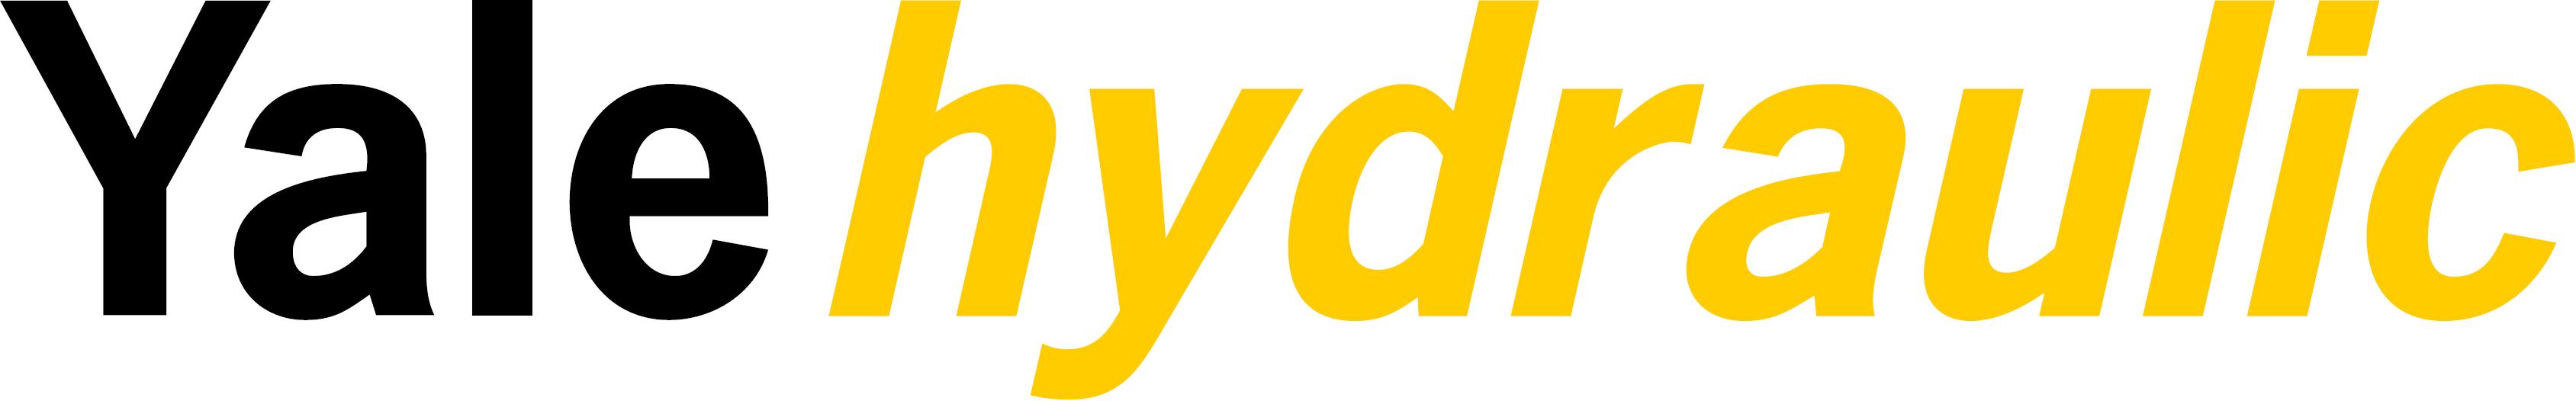 hydraulika siłowa yale